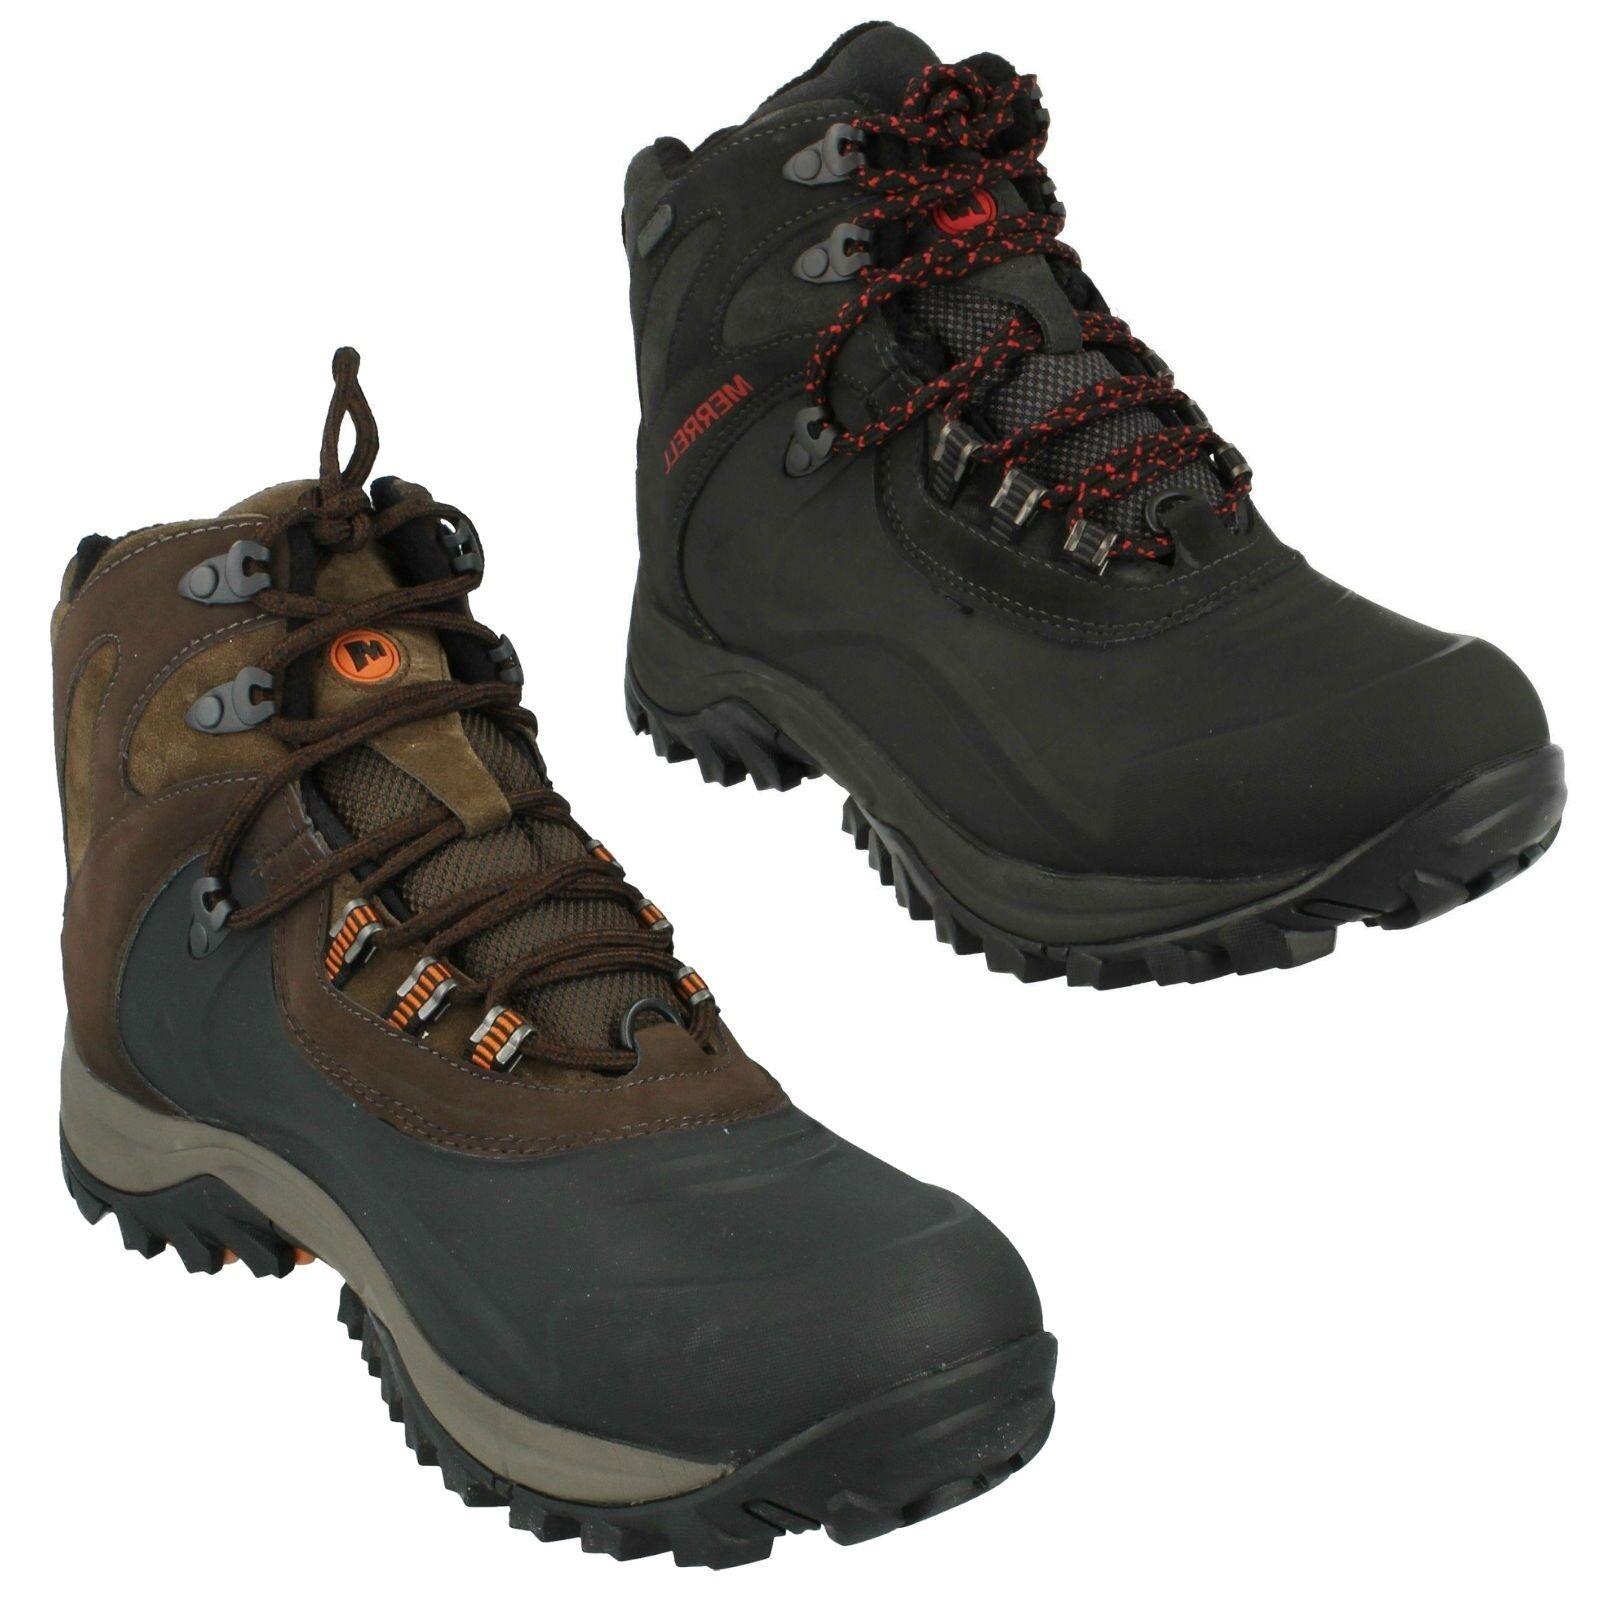 Da Uomo Merrell Iceclaw Mid Waterproof PUNTA TONDA Laceup Escursionismo Stivali j41909